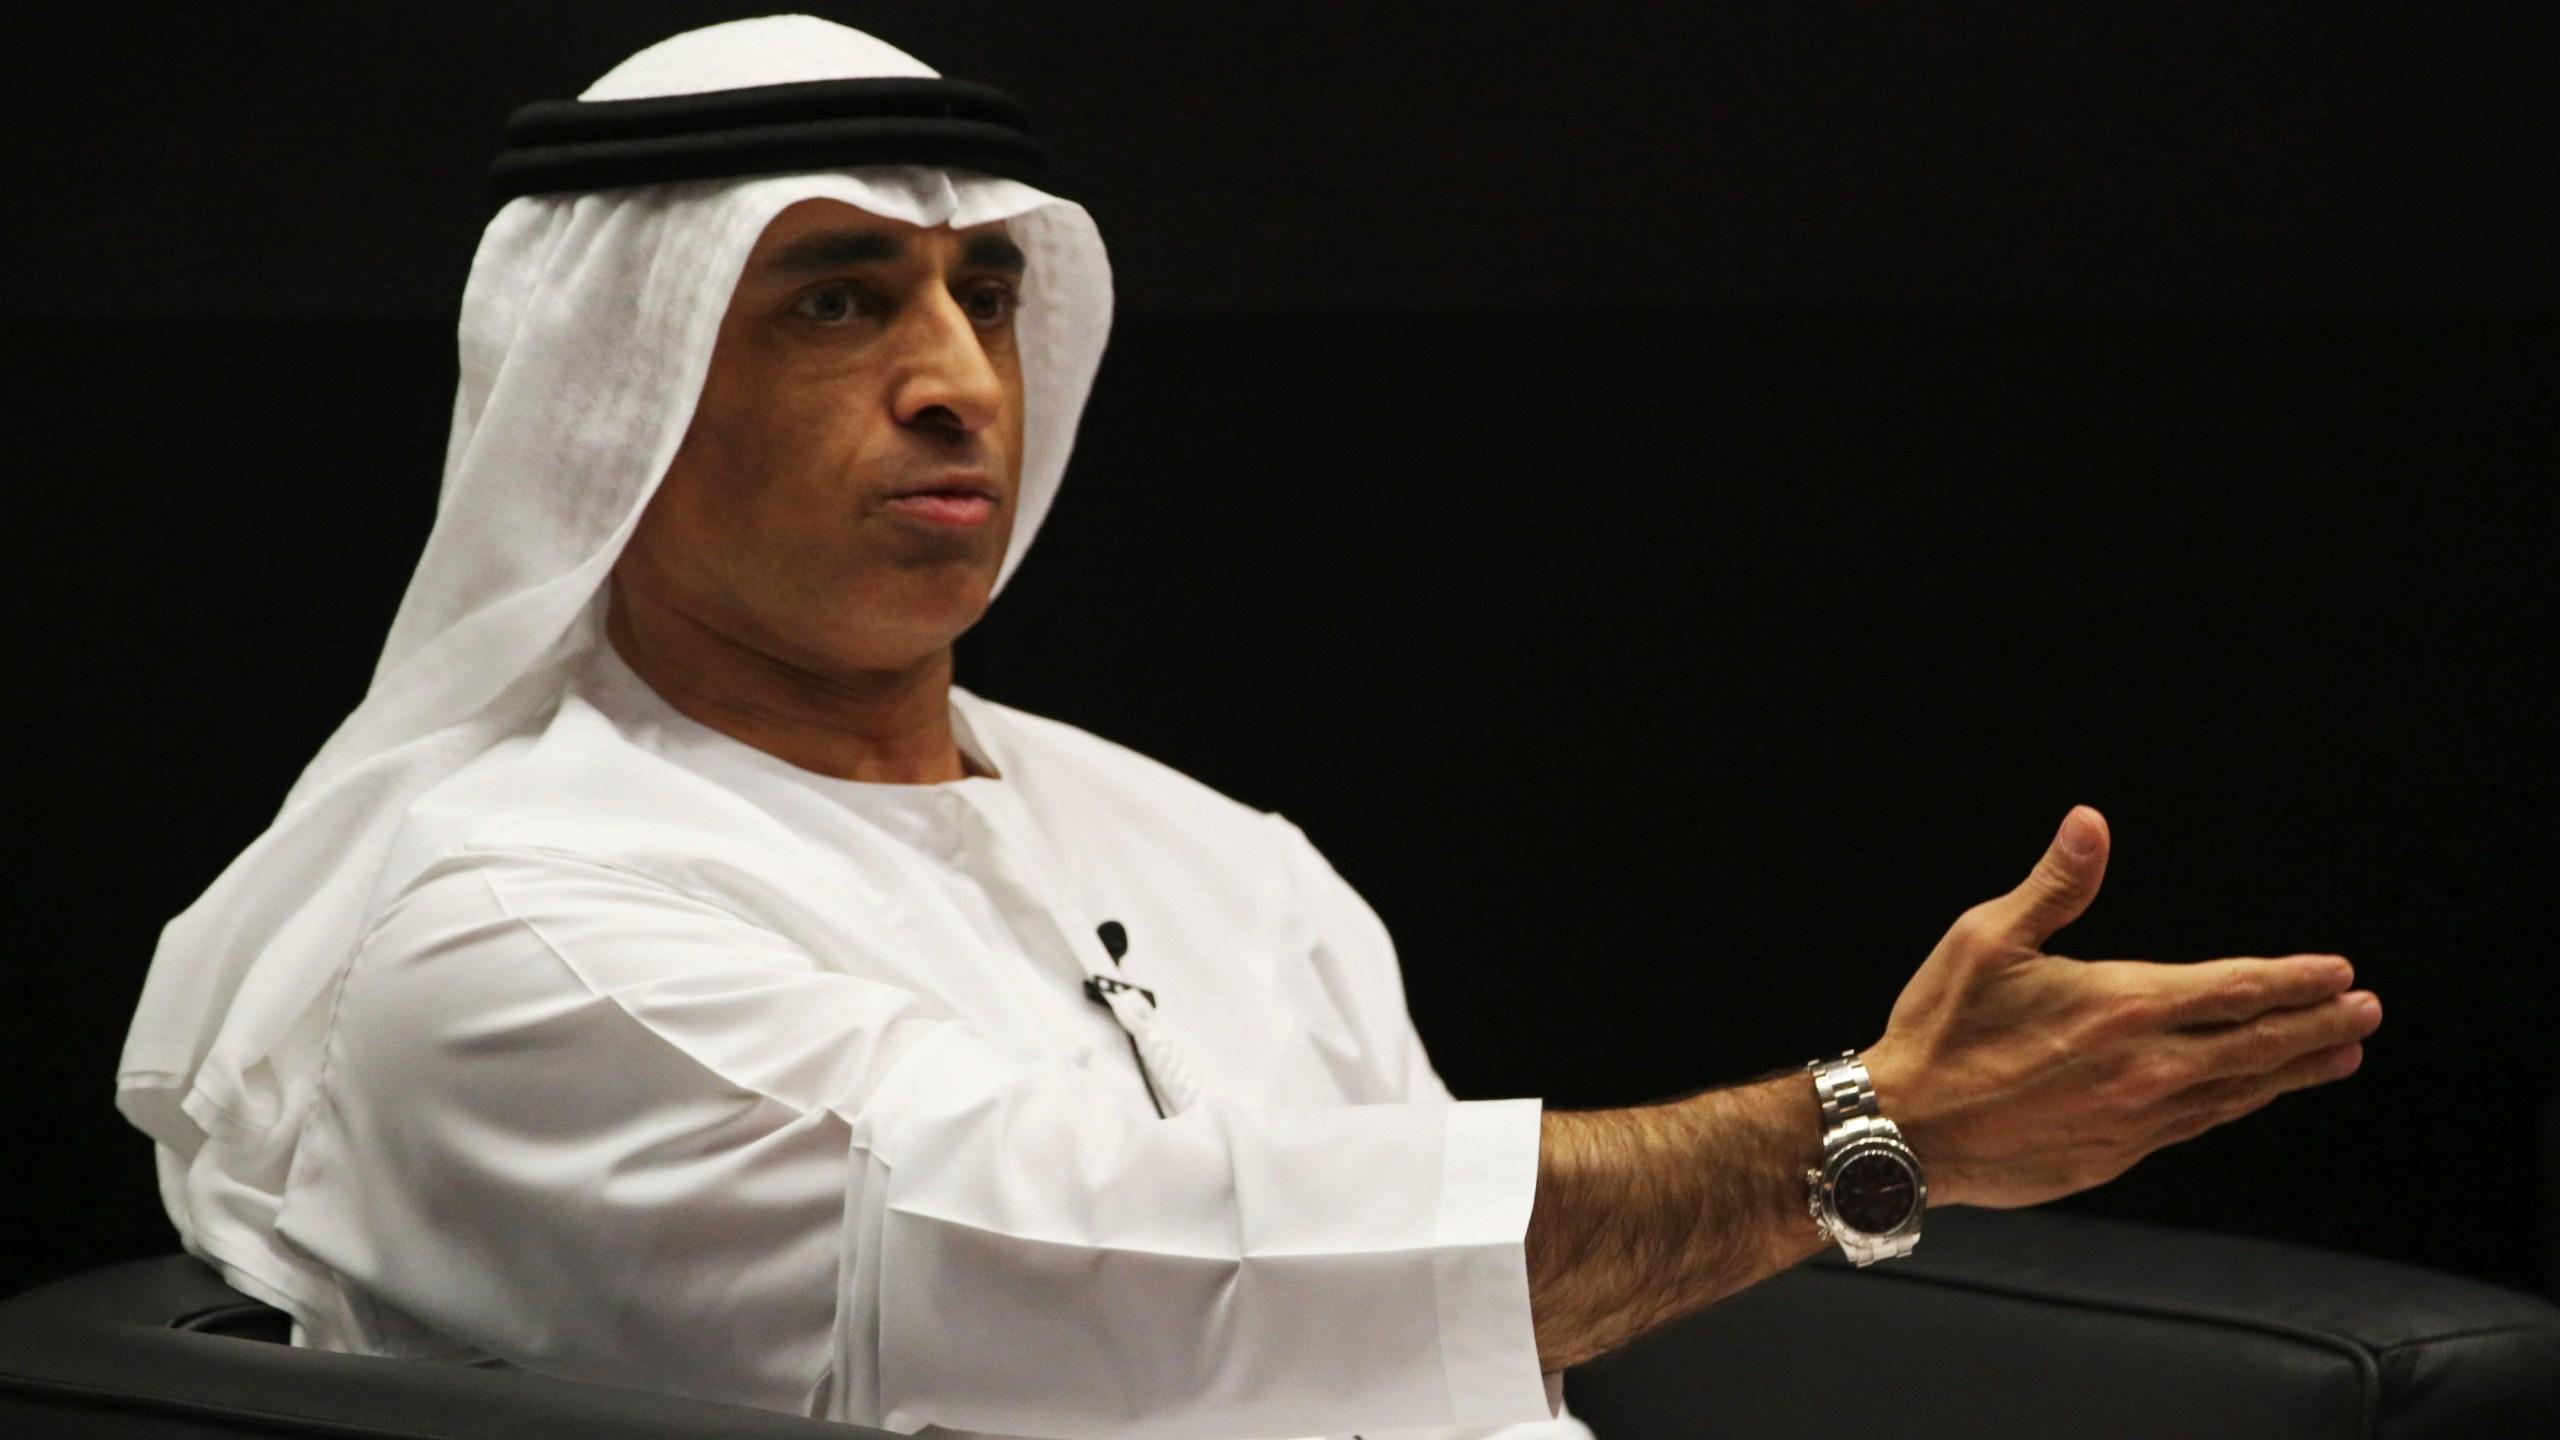 Yousef al-Otaiba